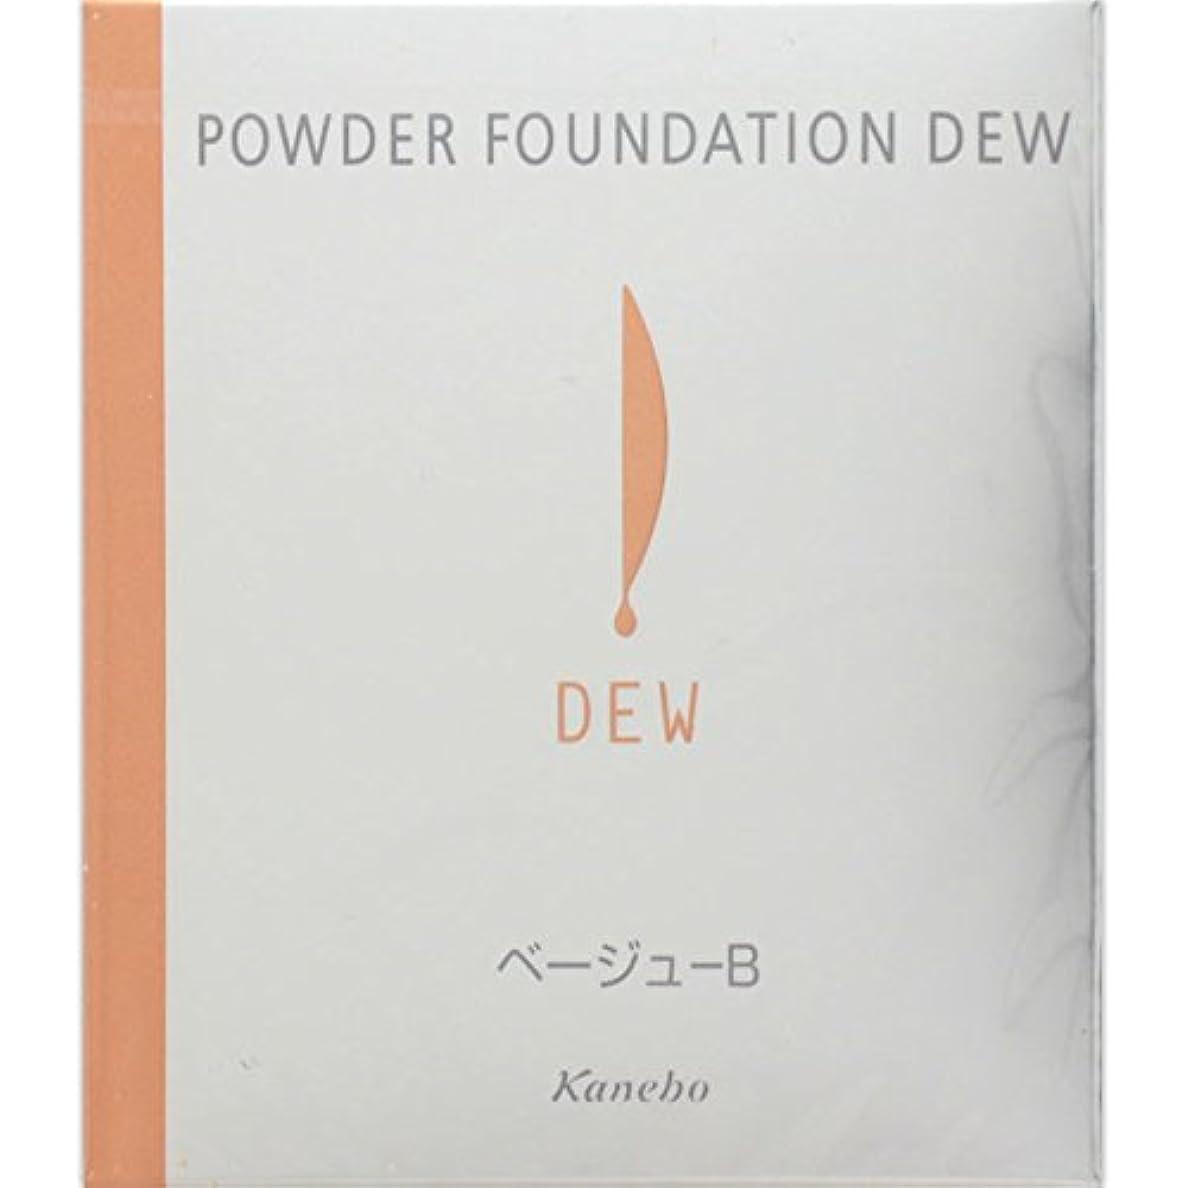 満了くしゃみランチョンカネボウ DEW パウダーファンデーションデュウ (詰め替え用) ベージュB